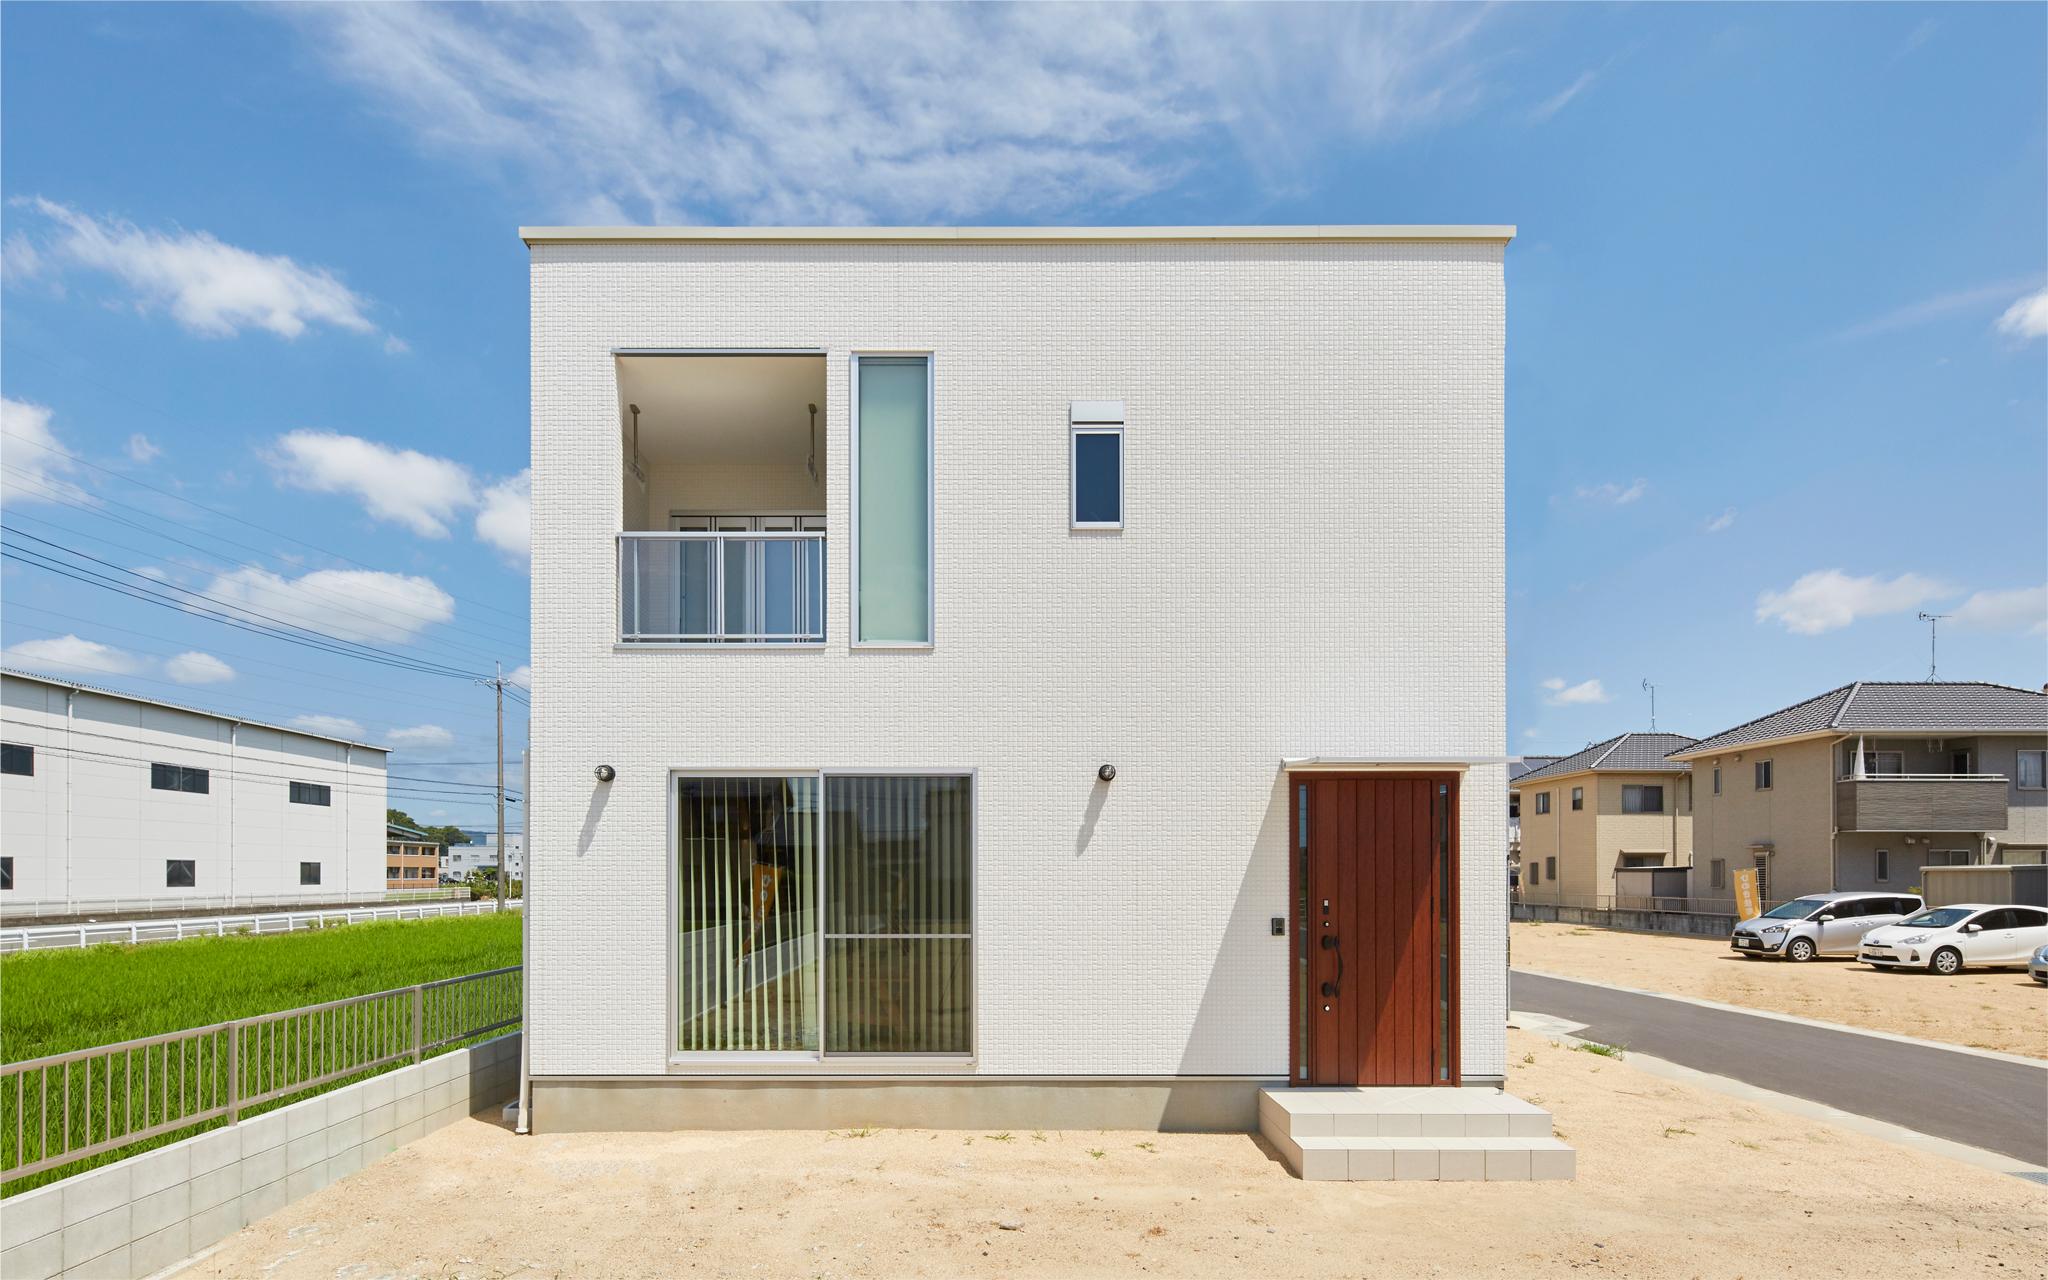 玉島乙島 モデルハウス完成見学会 キューブ型のシンプルモダンな家